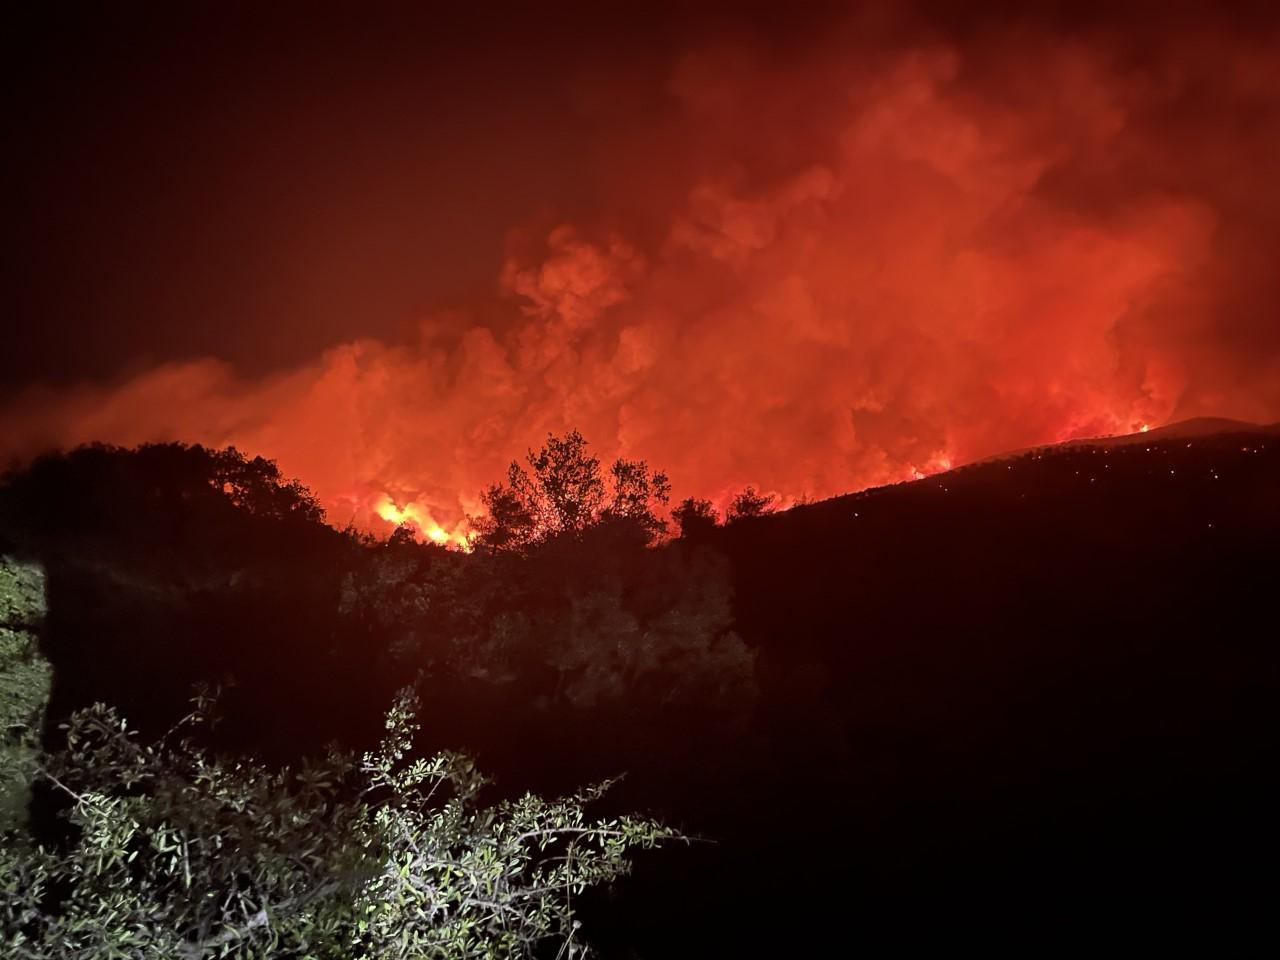 Γερμανός πυροσβέστης: Τι συνάντησα στις φωτιές στην Ελλάδα – Στην Ελλάδα η παροχή νερού λειτουργεί διαφορετικά